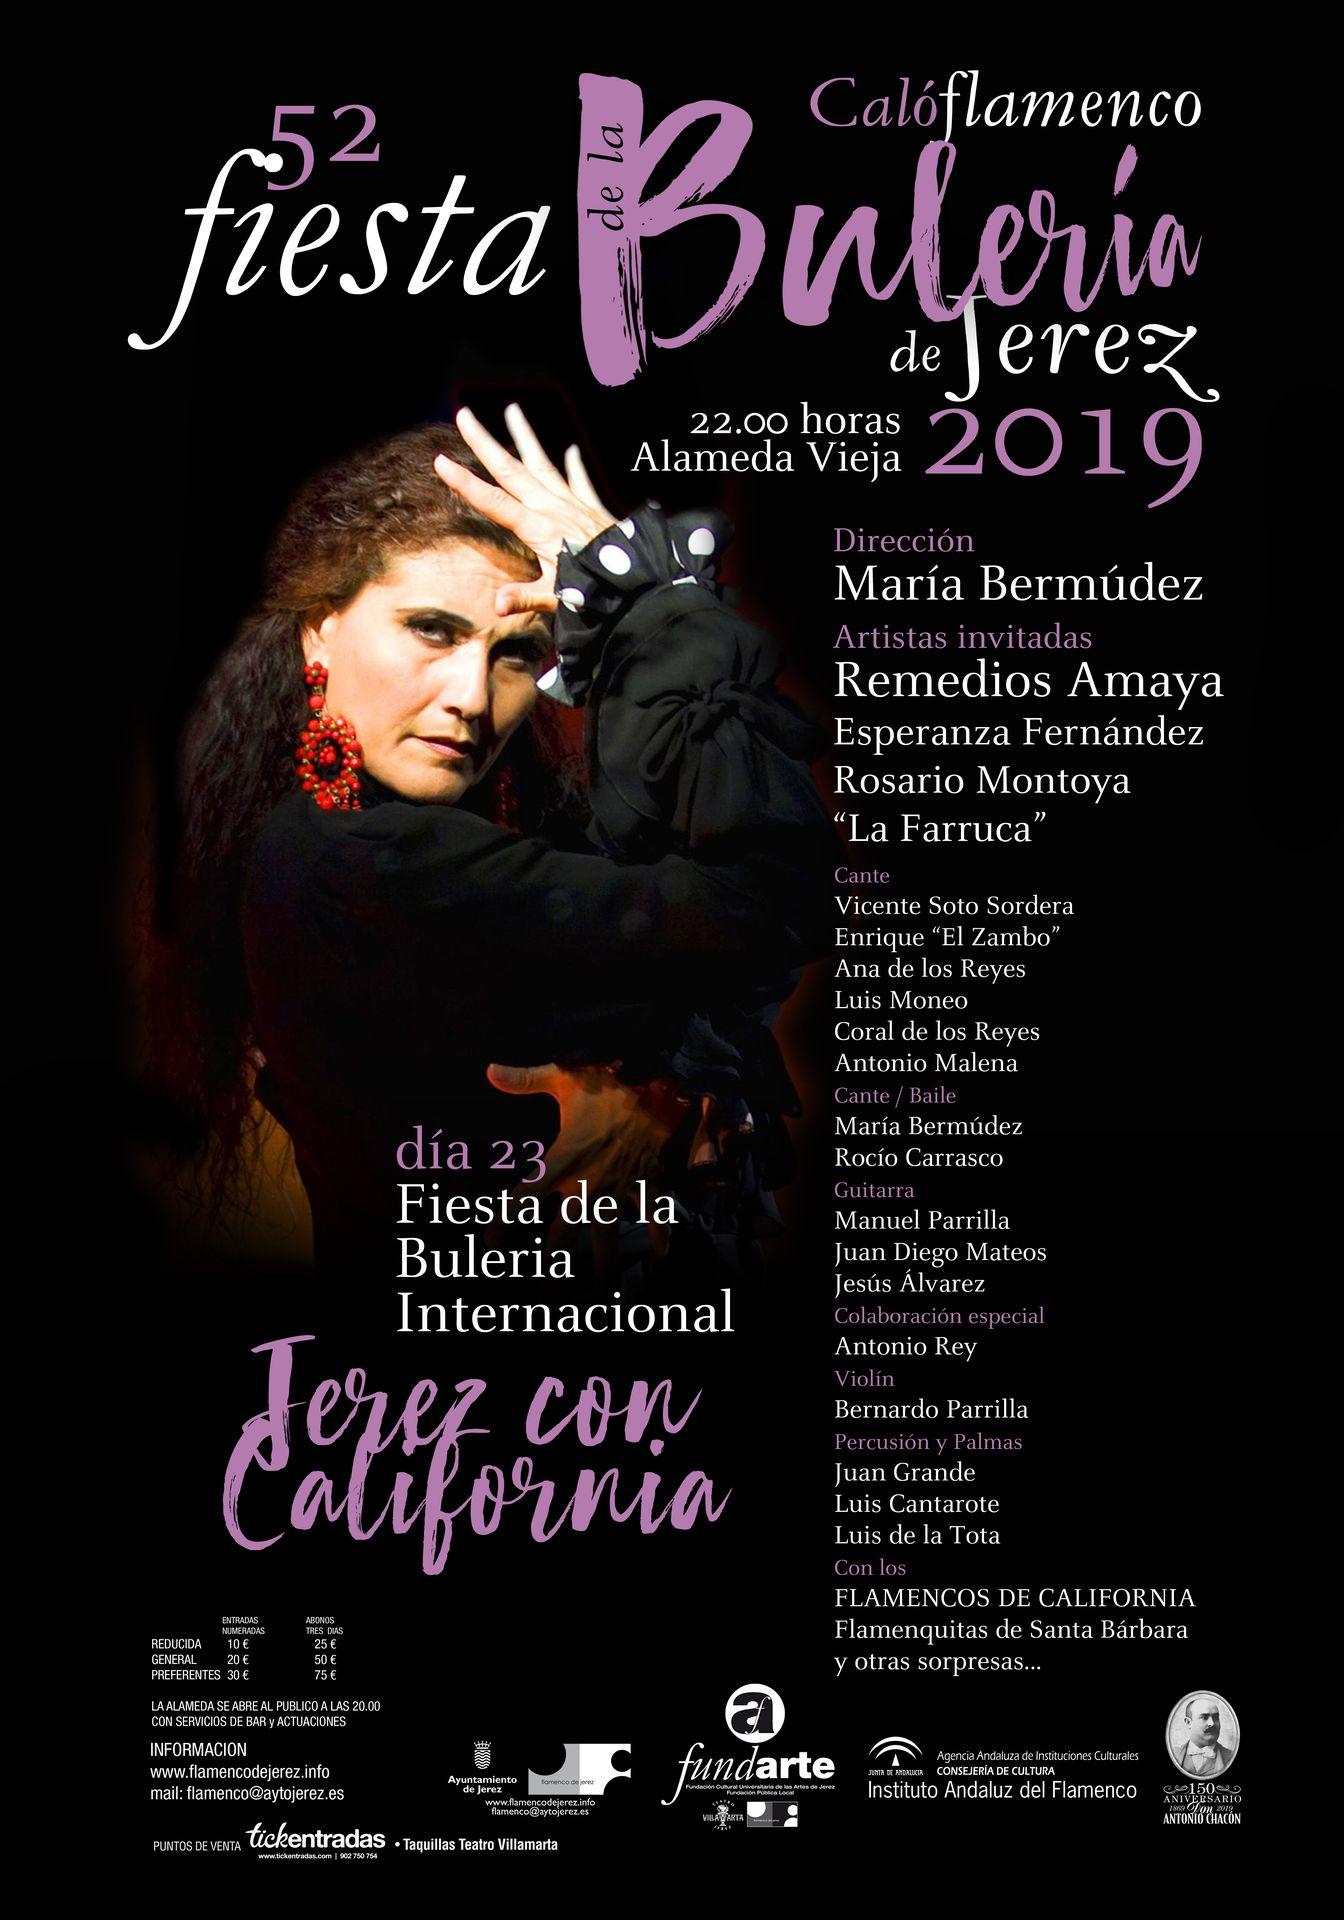 Cartel Jerez con California Fiesta de la Bulería